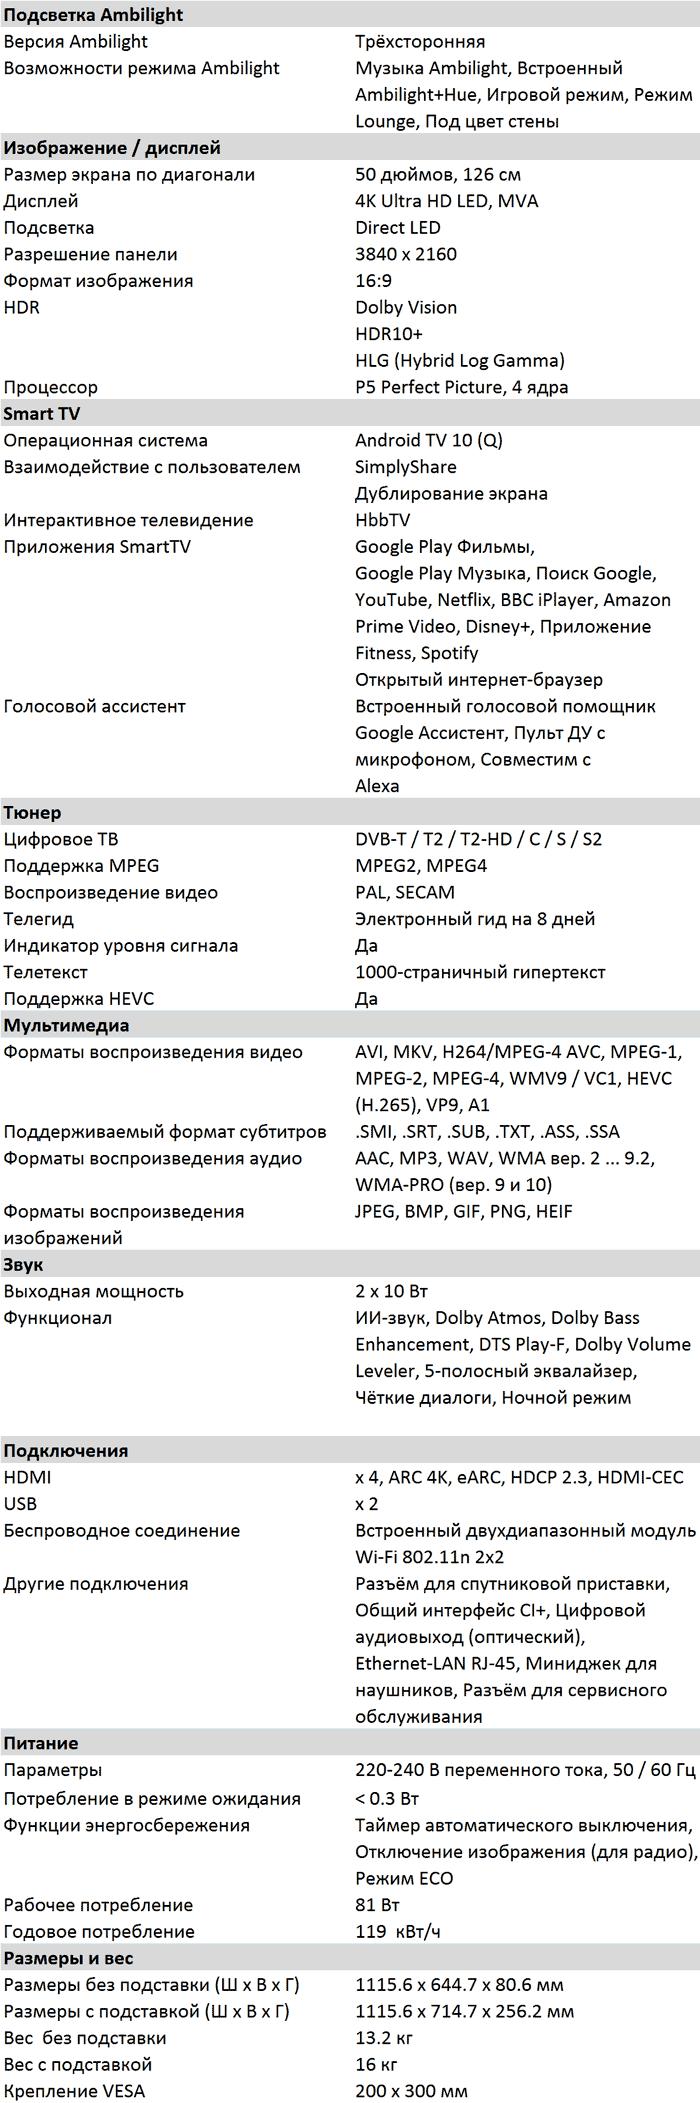 Характеристики PUS8506